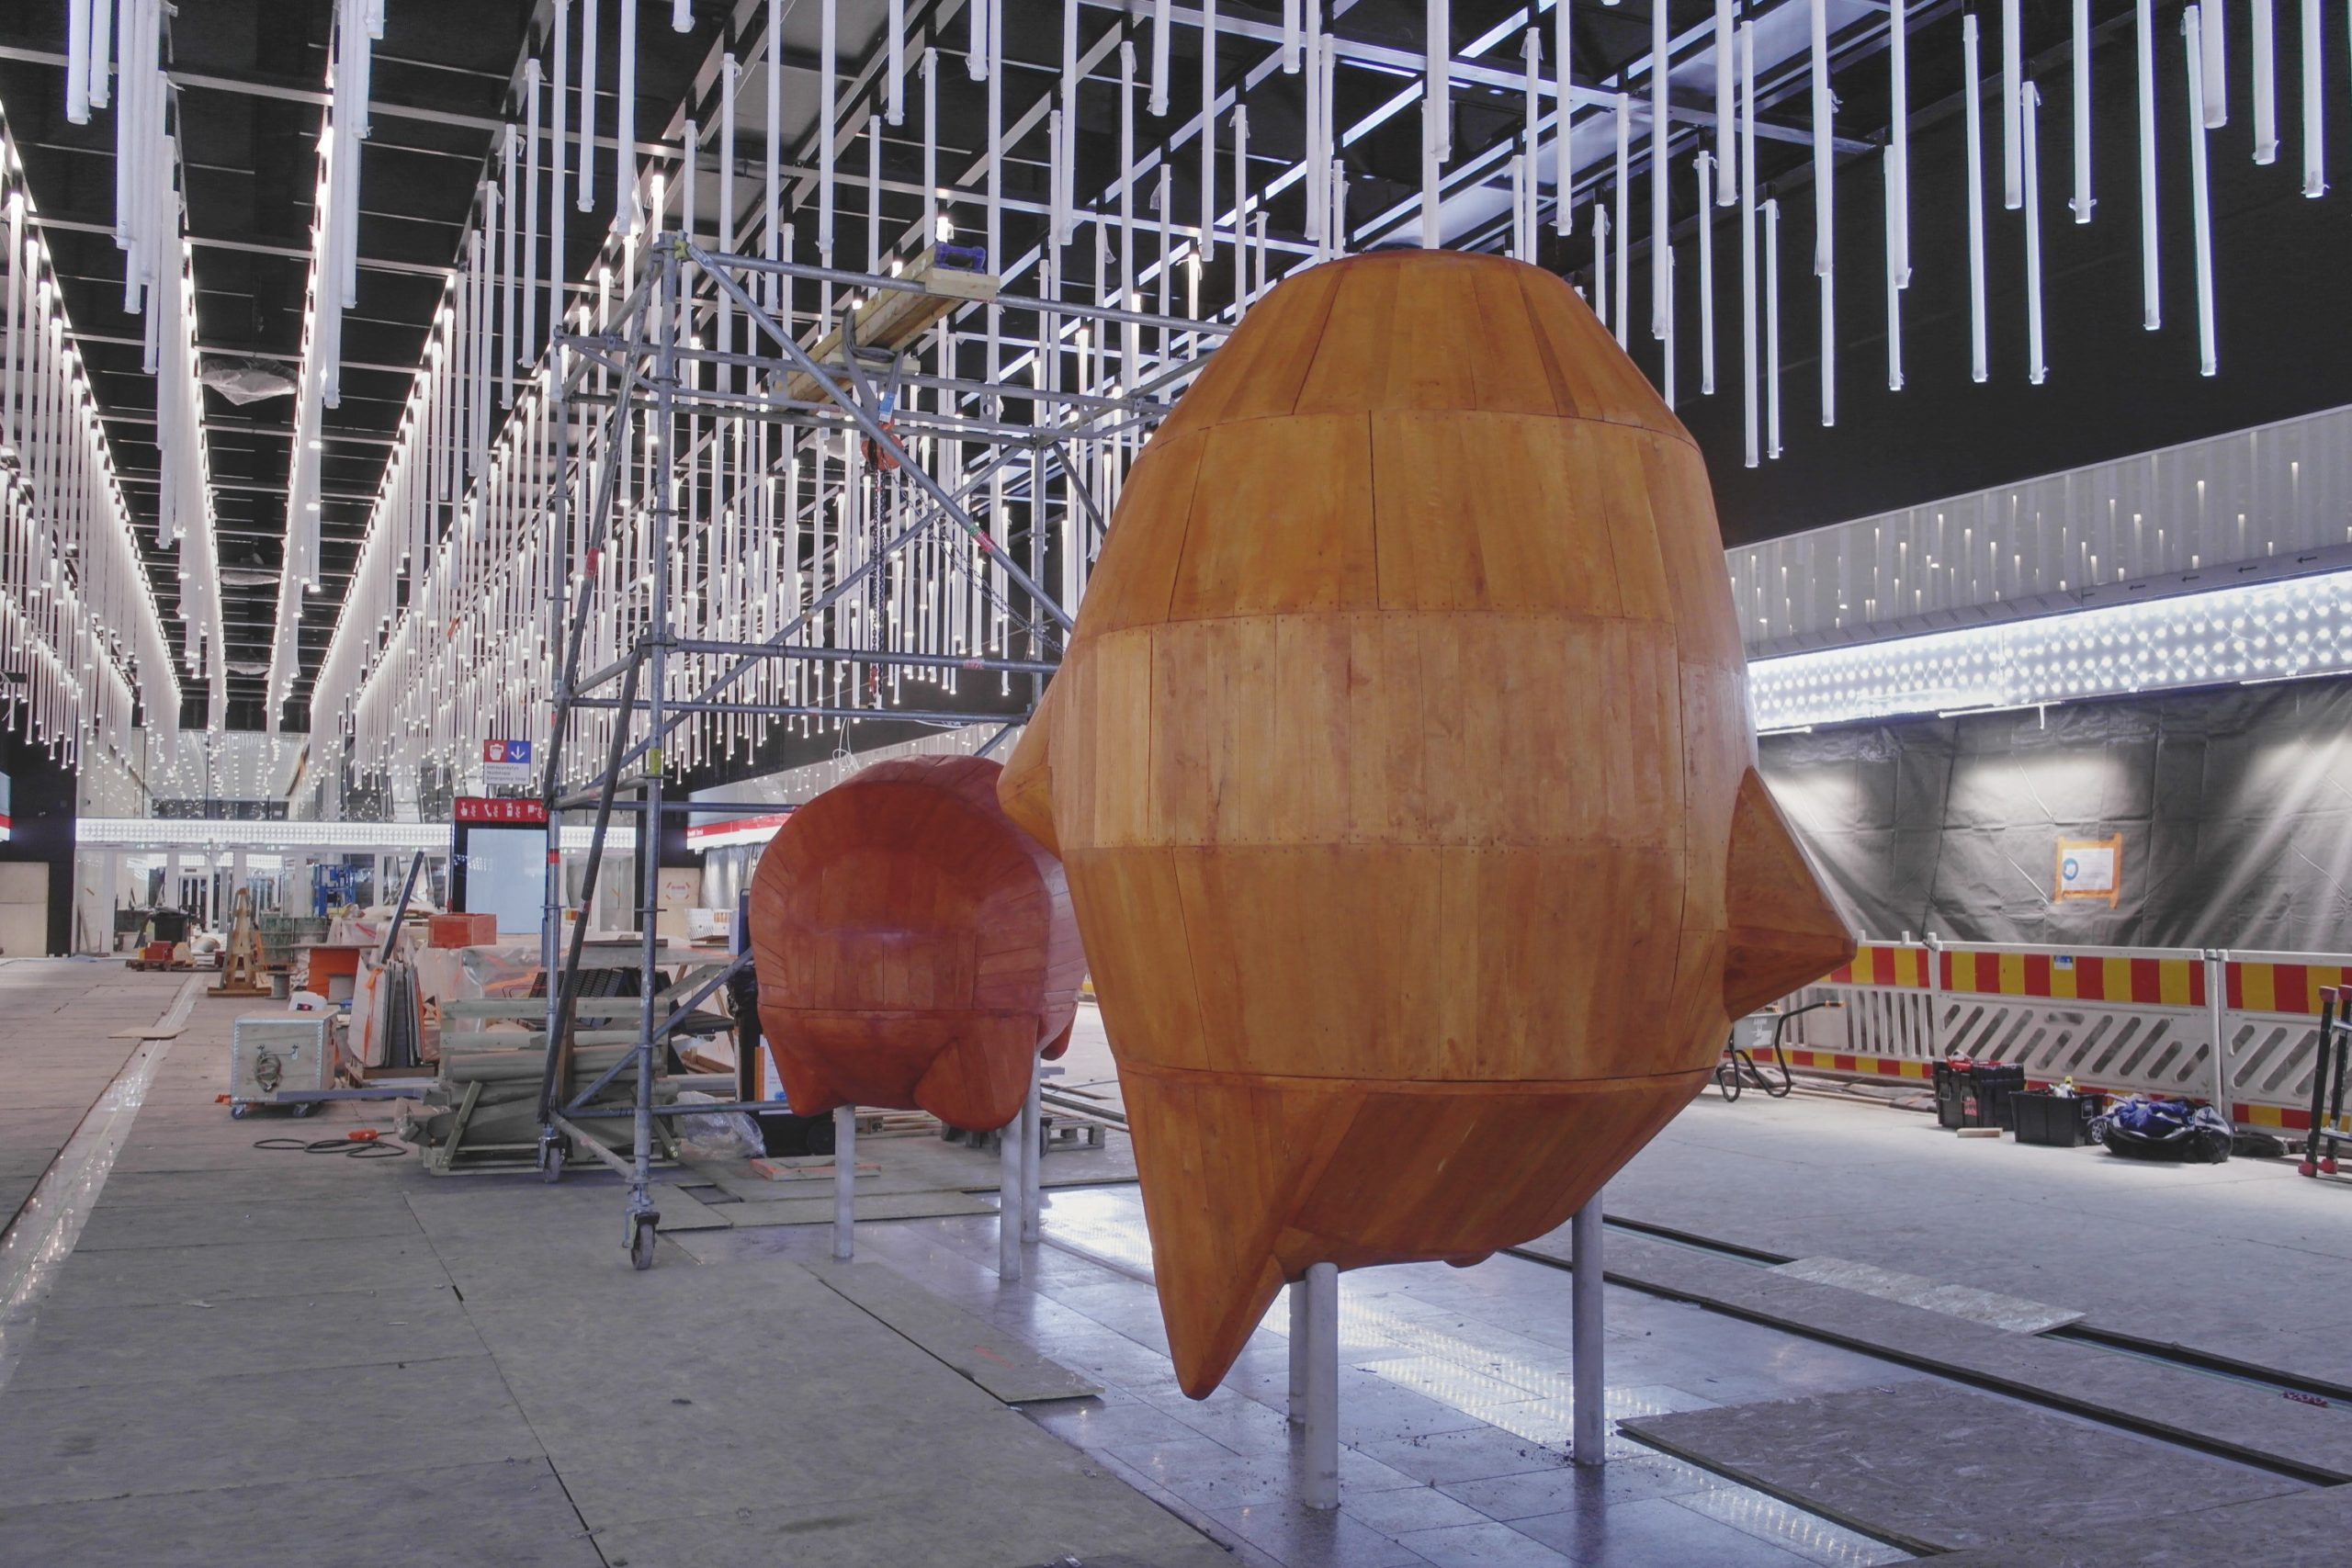 Kuvassa näkyy kaksi oranssia hahmoa metrolaiturilla, joka on vielä työmaa.